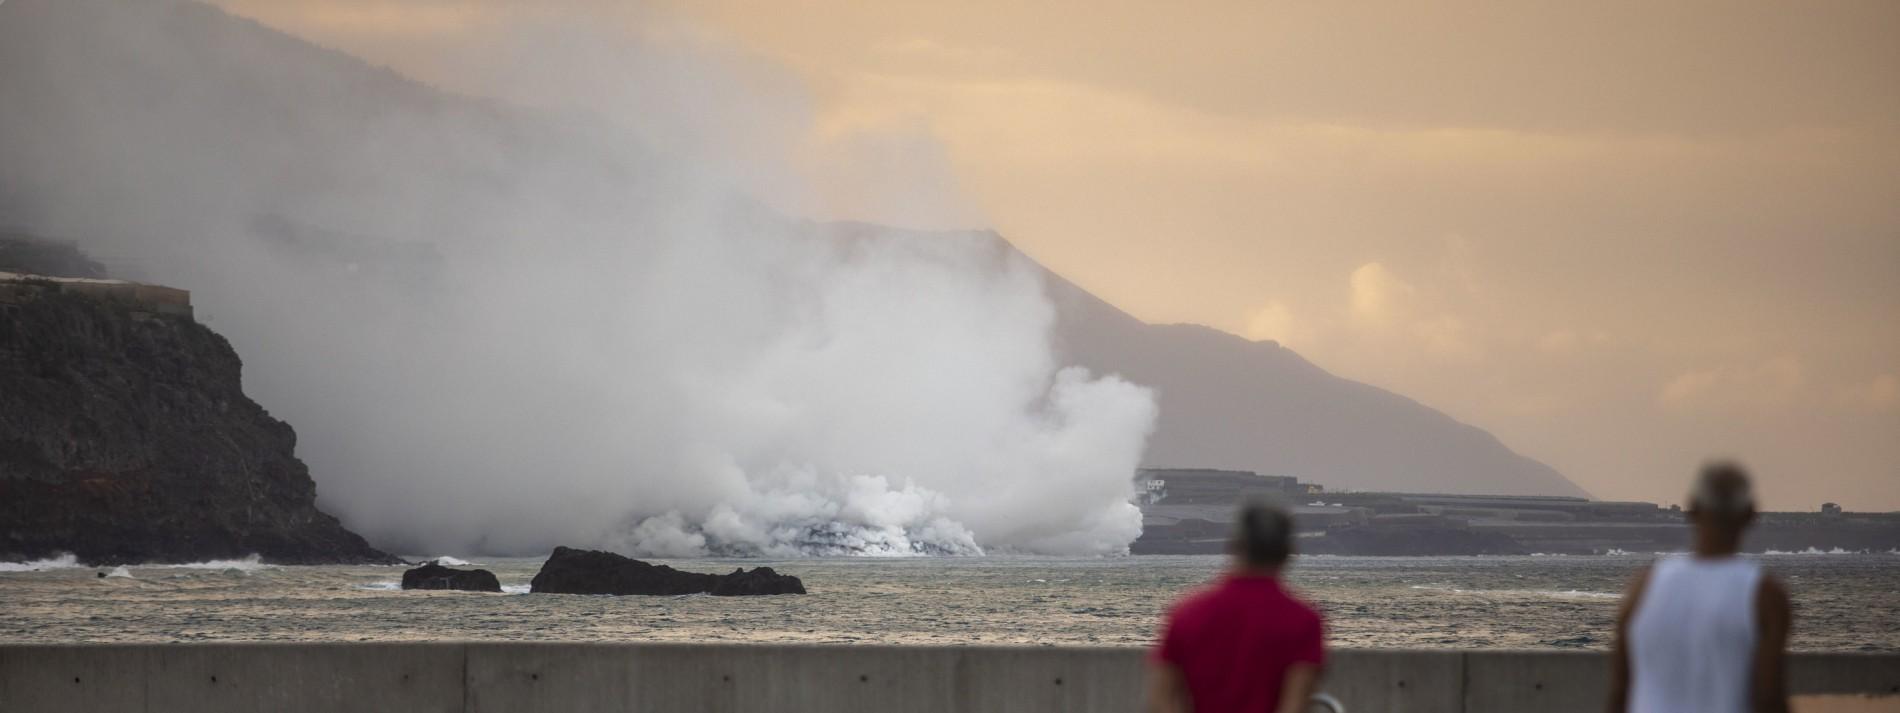 Der Vulkan gibt nicht auf – jetzt kocht das Meerwasser